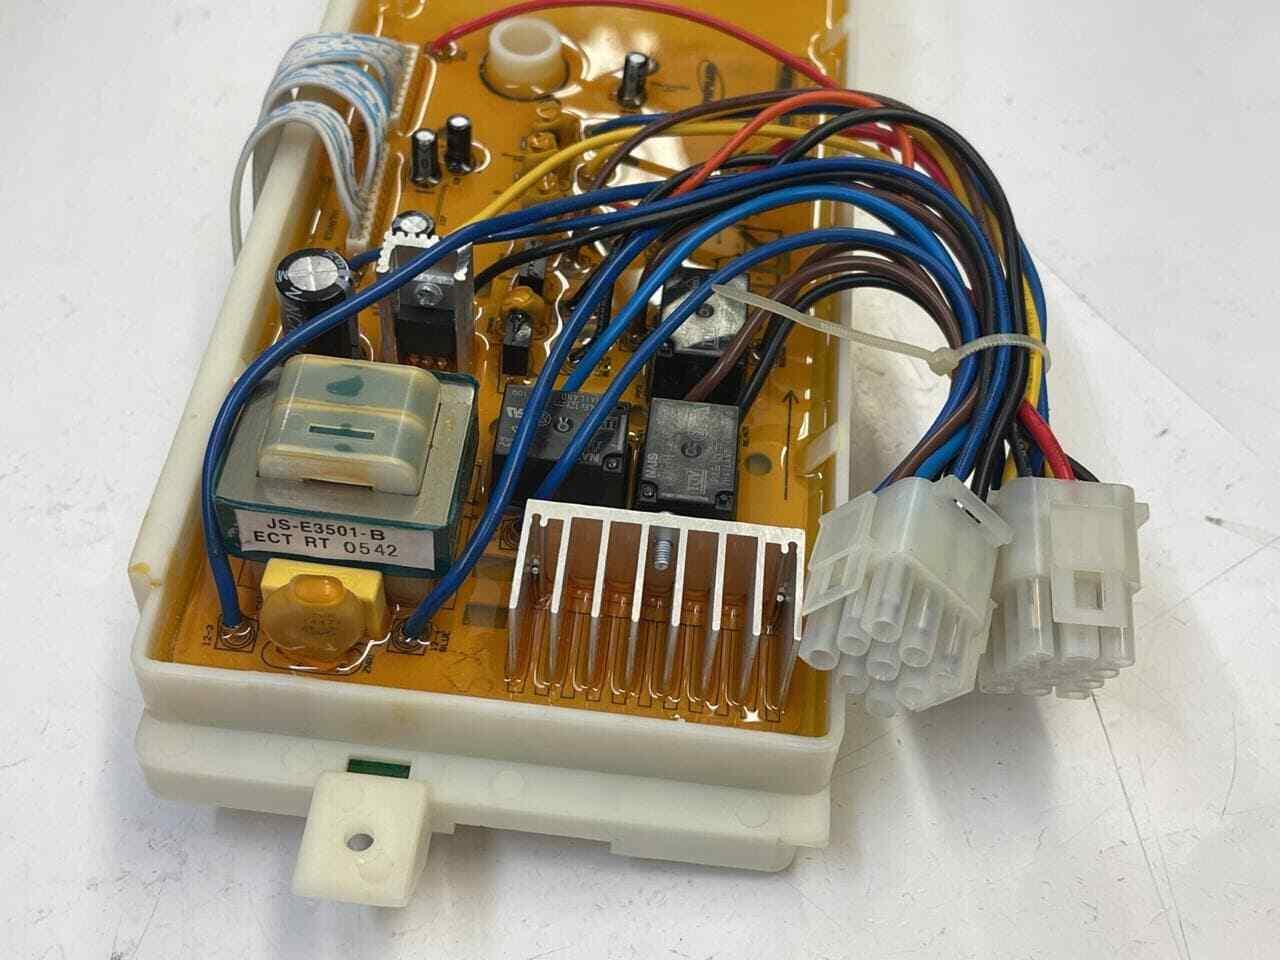 801-01-00-01 XQG50-801DHC CONTROL BOARD FOR AVANTI WASHER W892F - $75.00